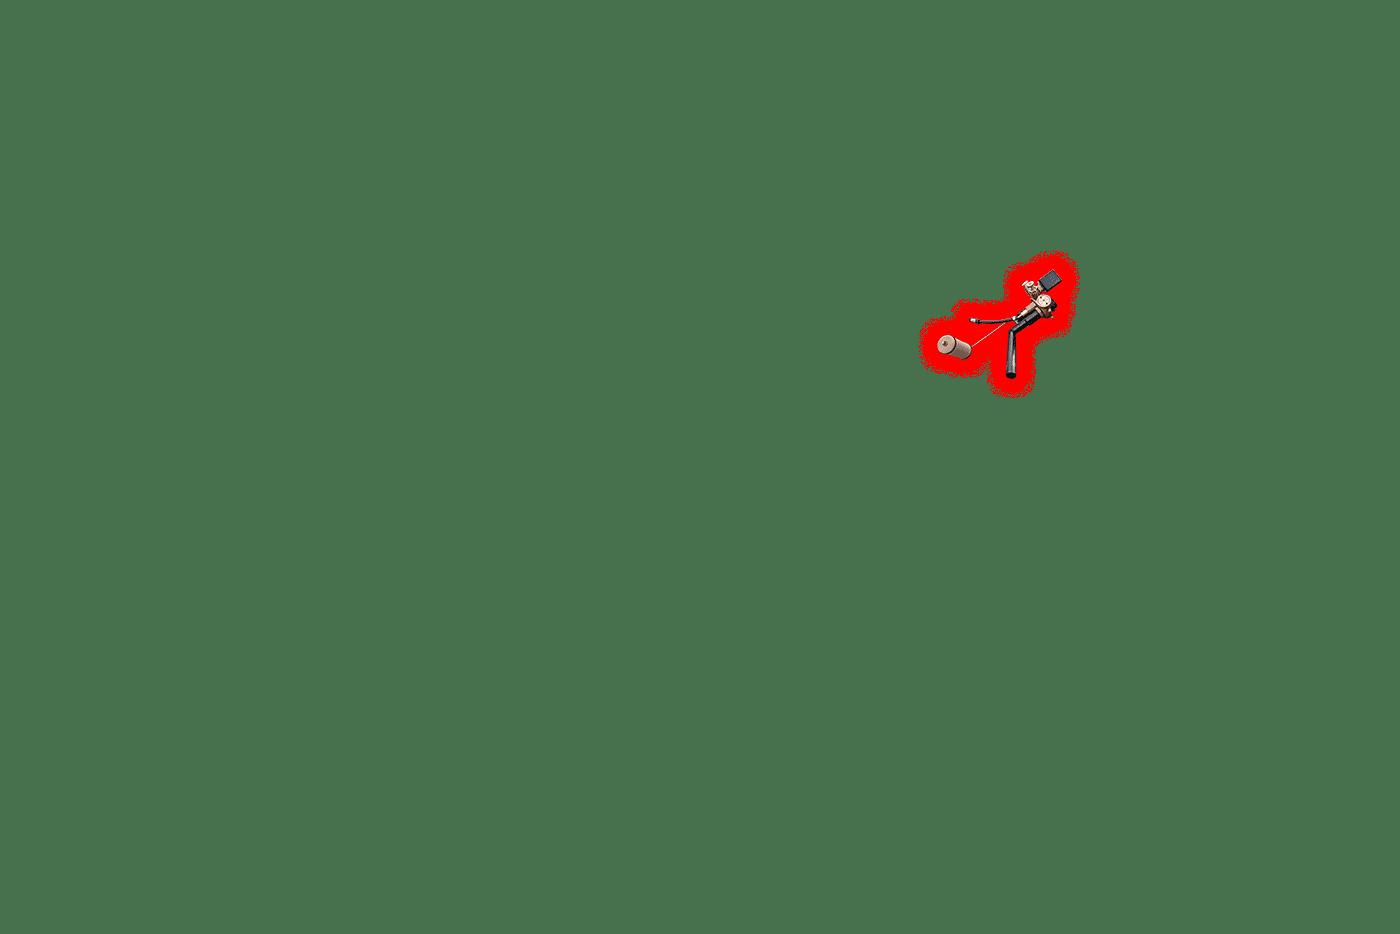 Wielozawór